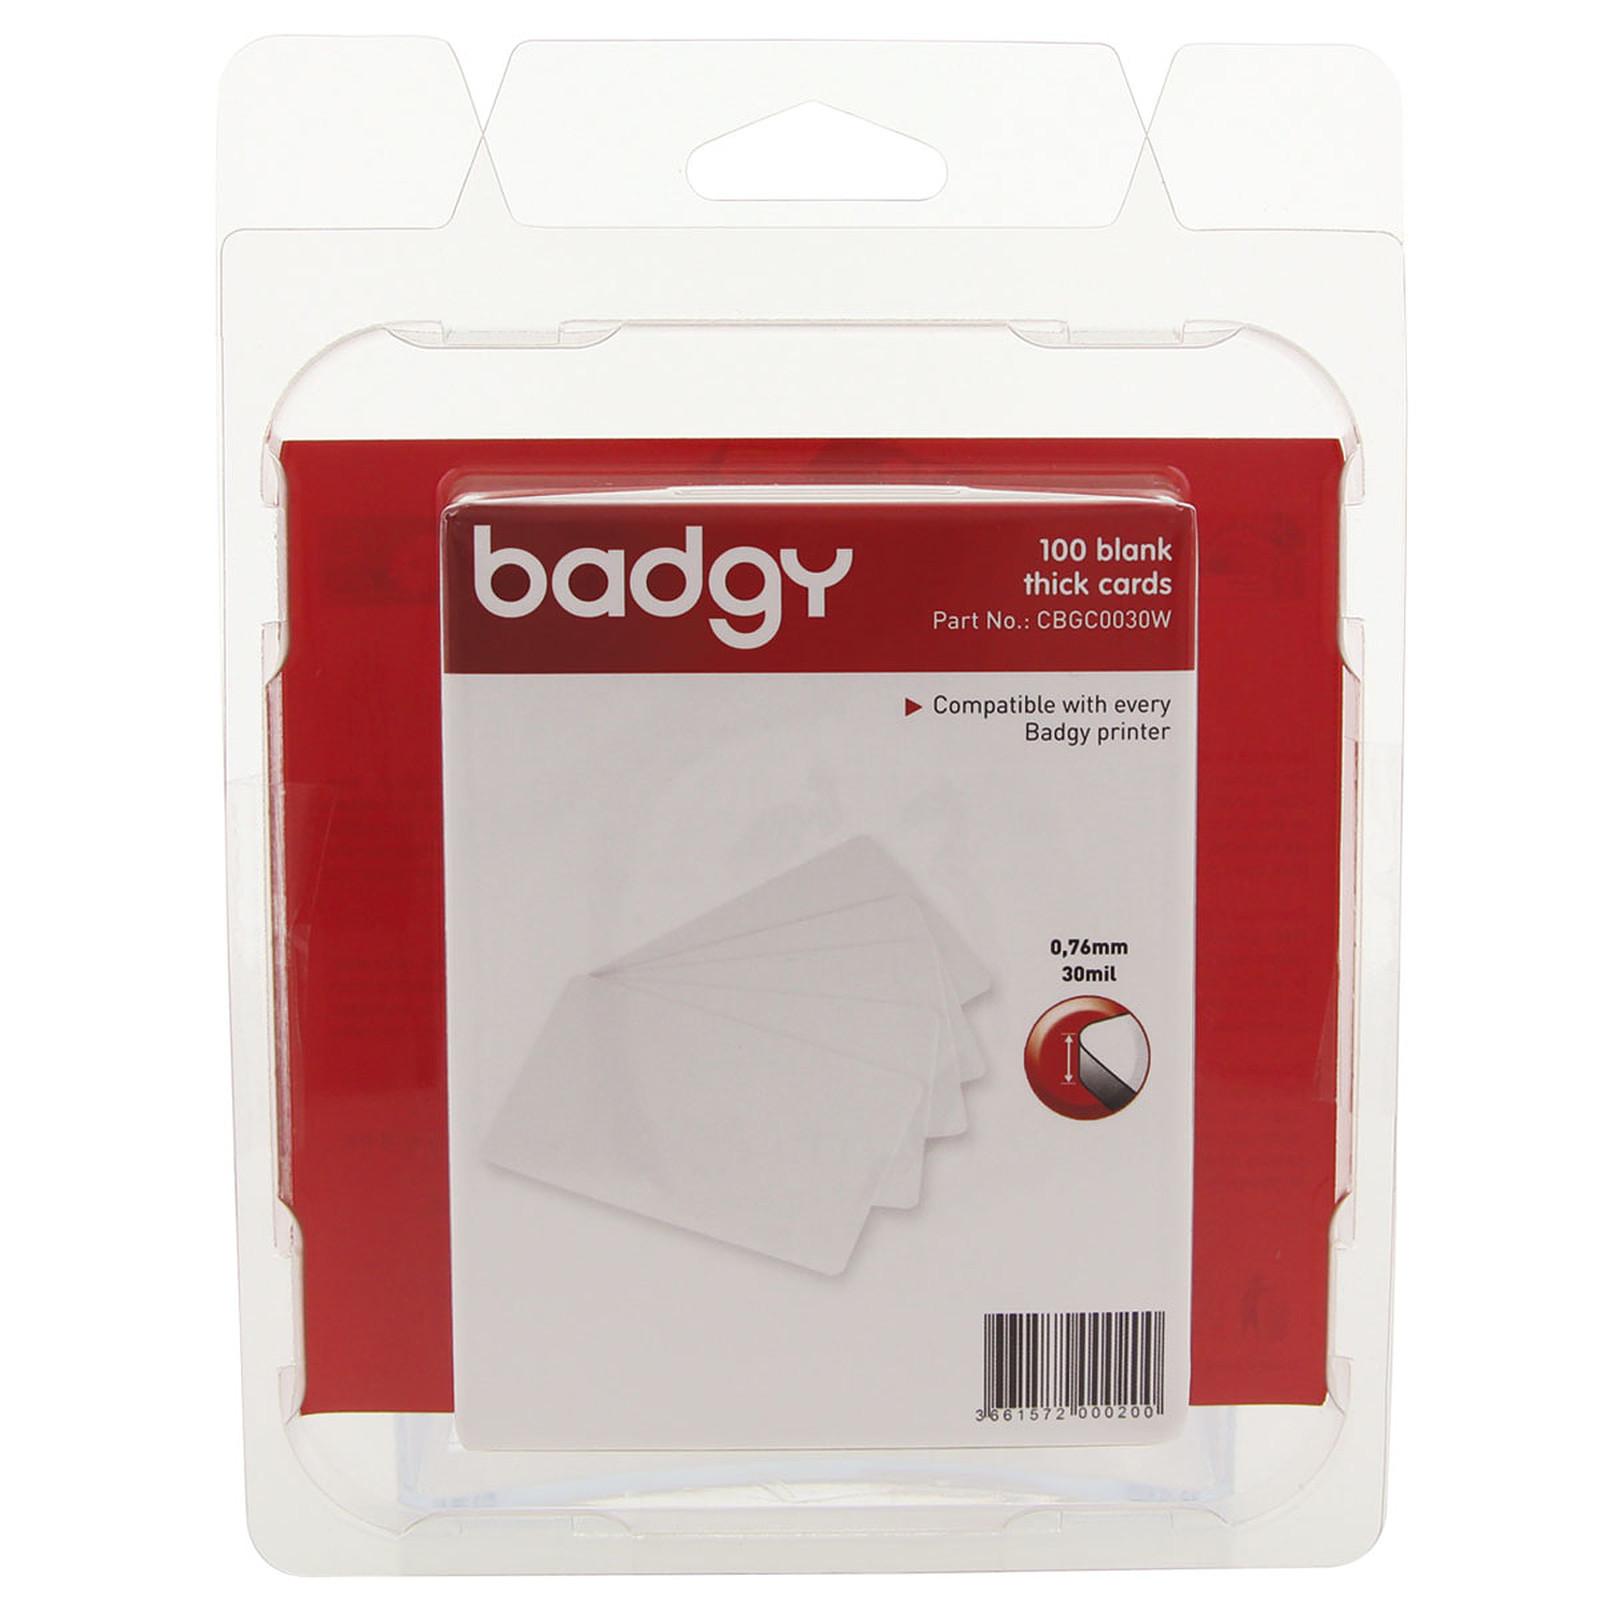 Evolis Badgy 100 cartes blanches vierges épaisses